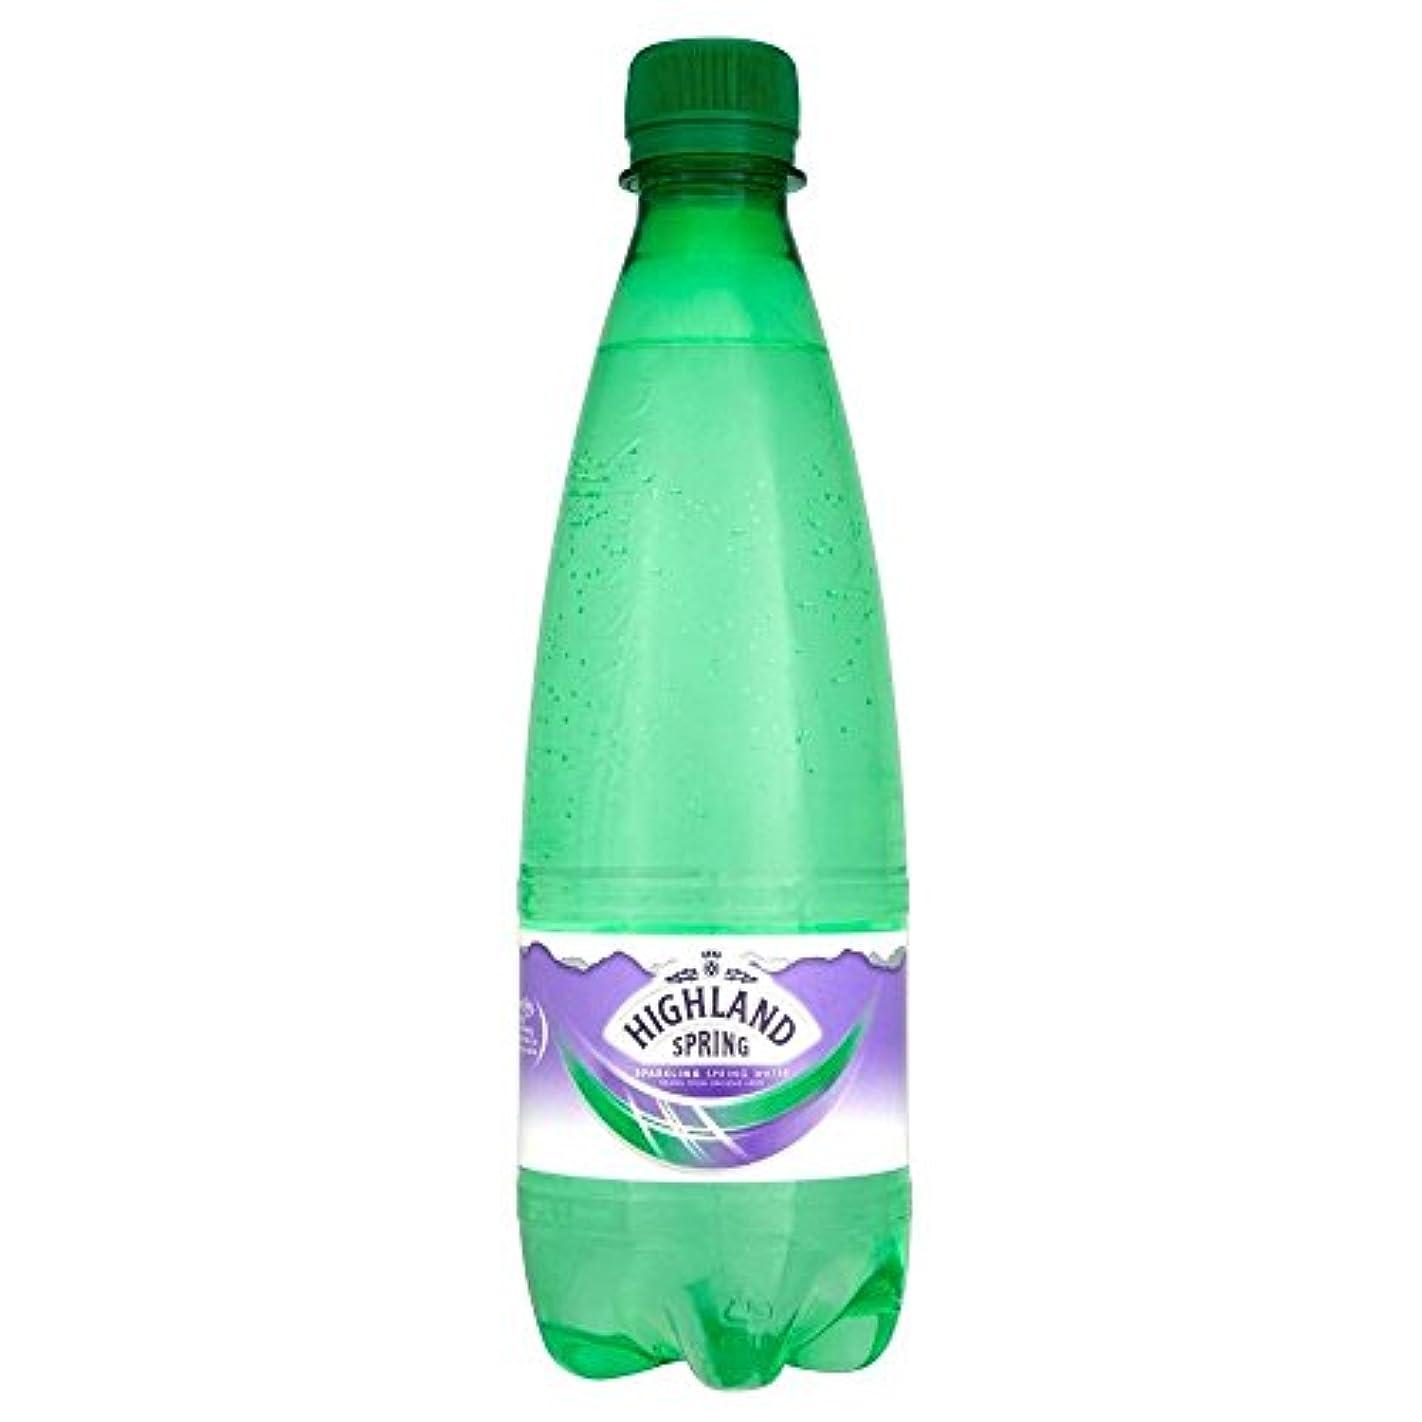 パーティーフェデレーションカエルHighland Spring Sparkling Natural Spring Water (500ml) 高原スプリング輝く自然の湧水( 500ミリリットル)